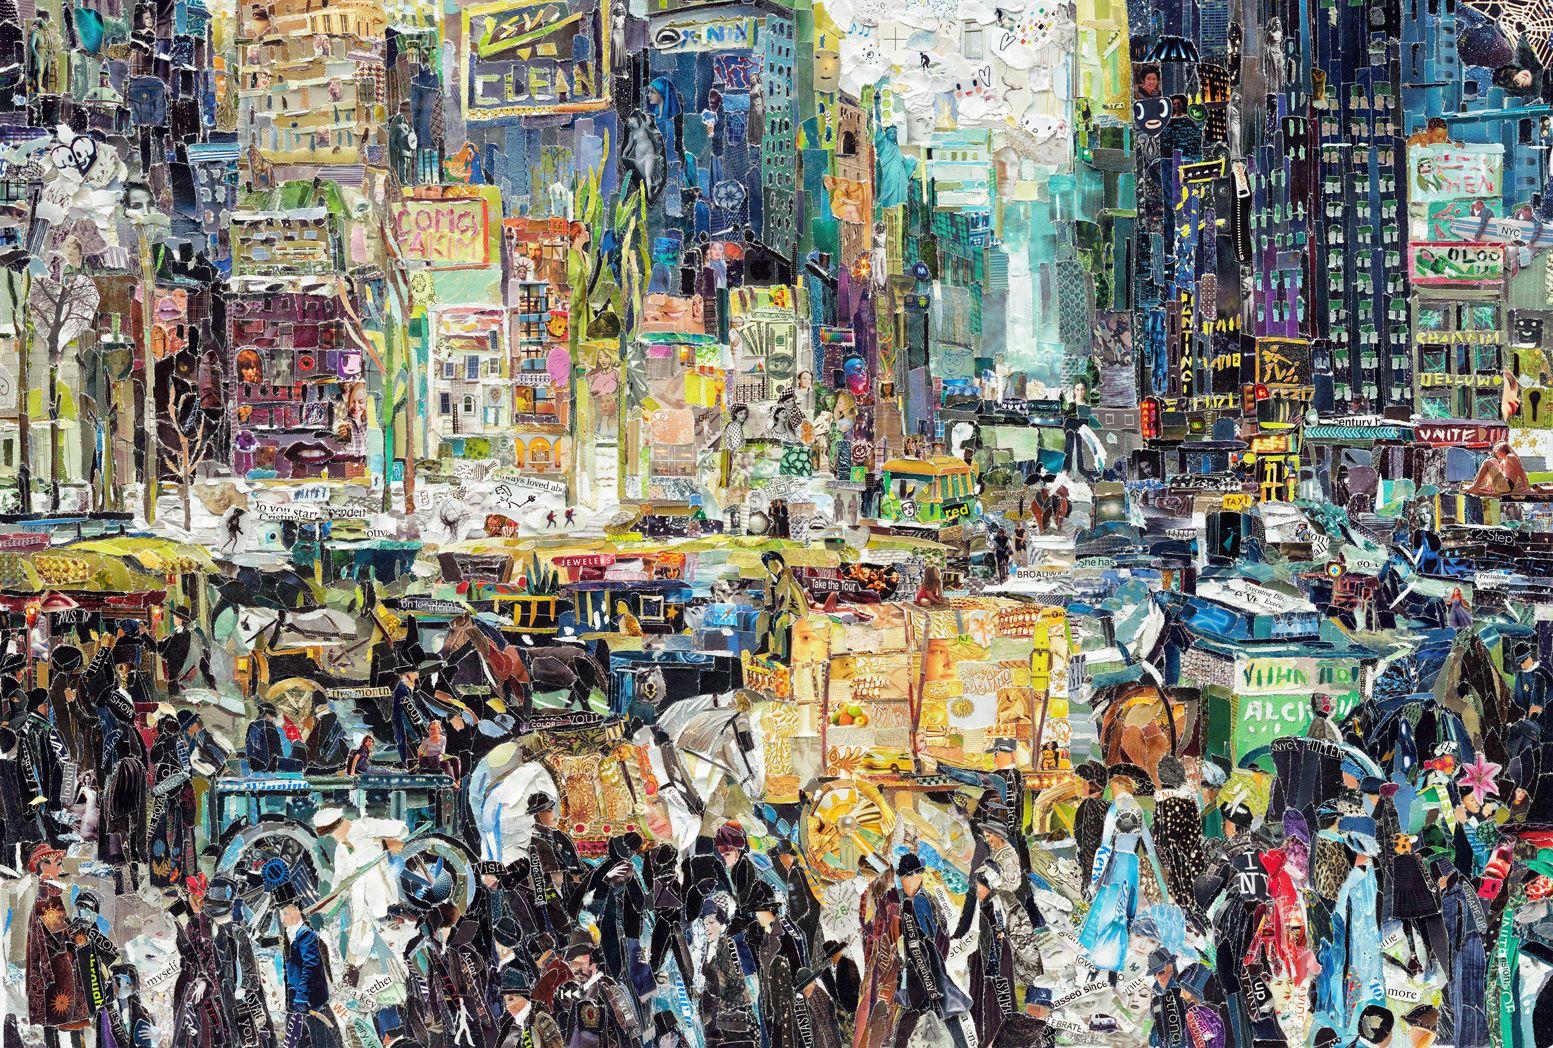 New York After Bellows Vik Muniz Surreal photos, New